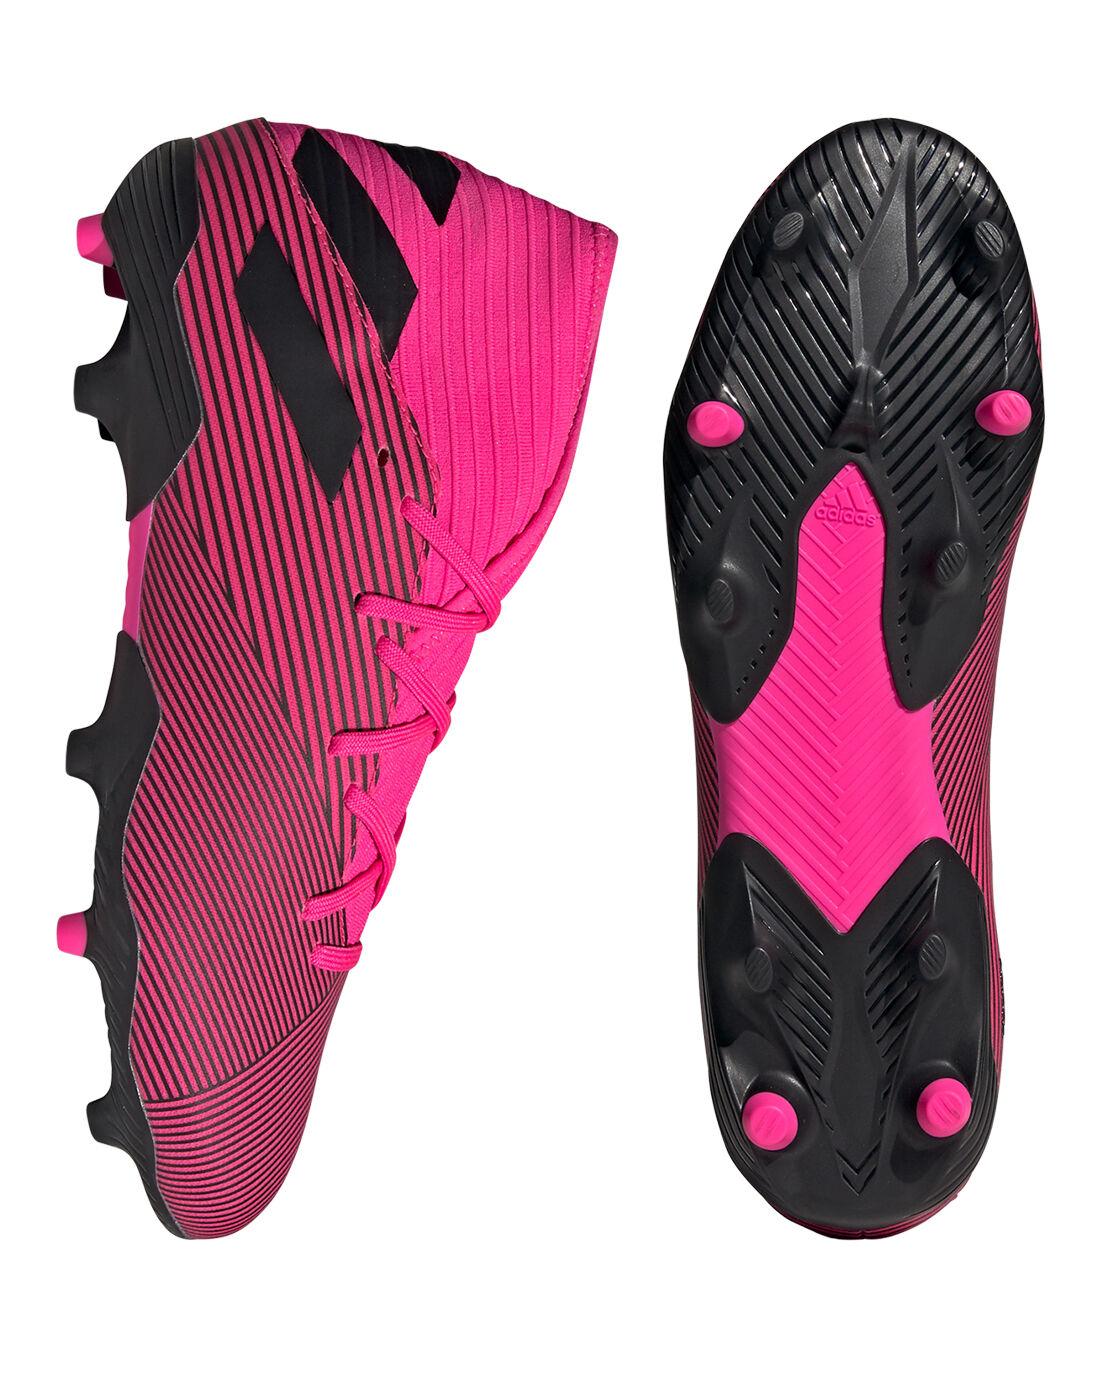 adidas Nemeziz Football Boots Life